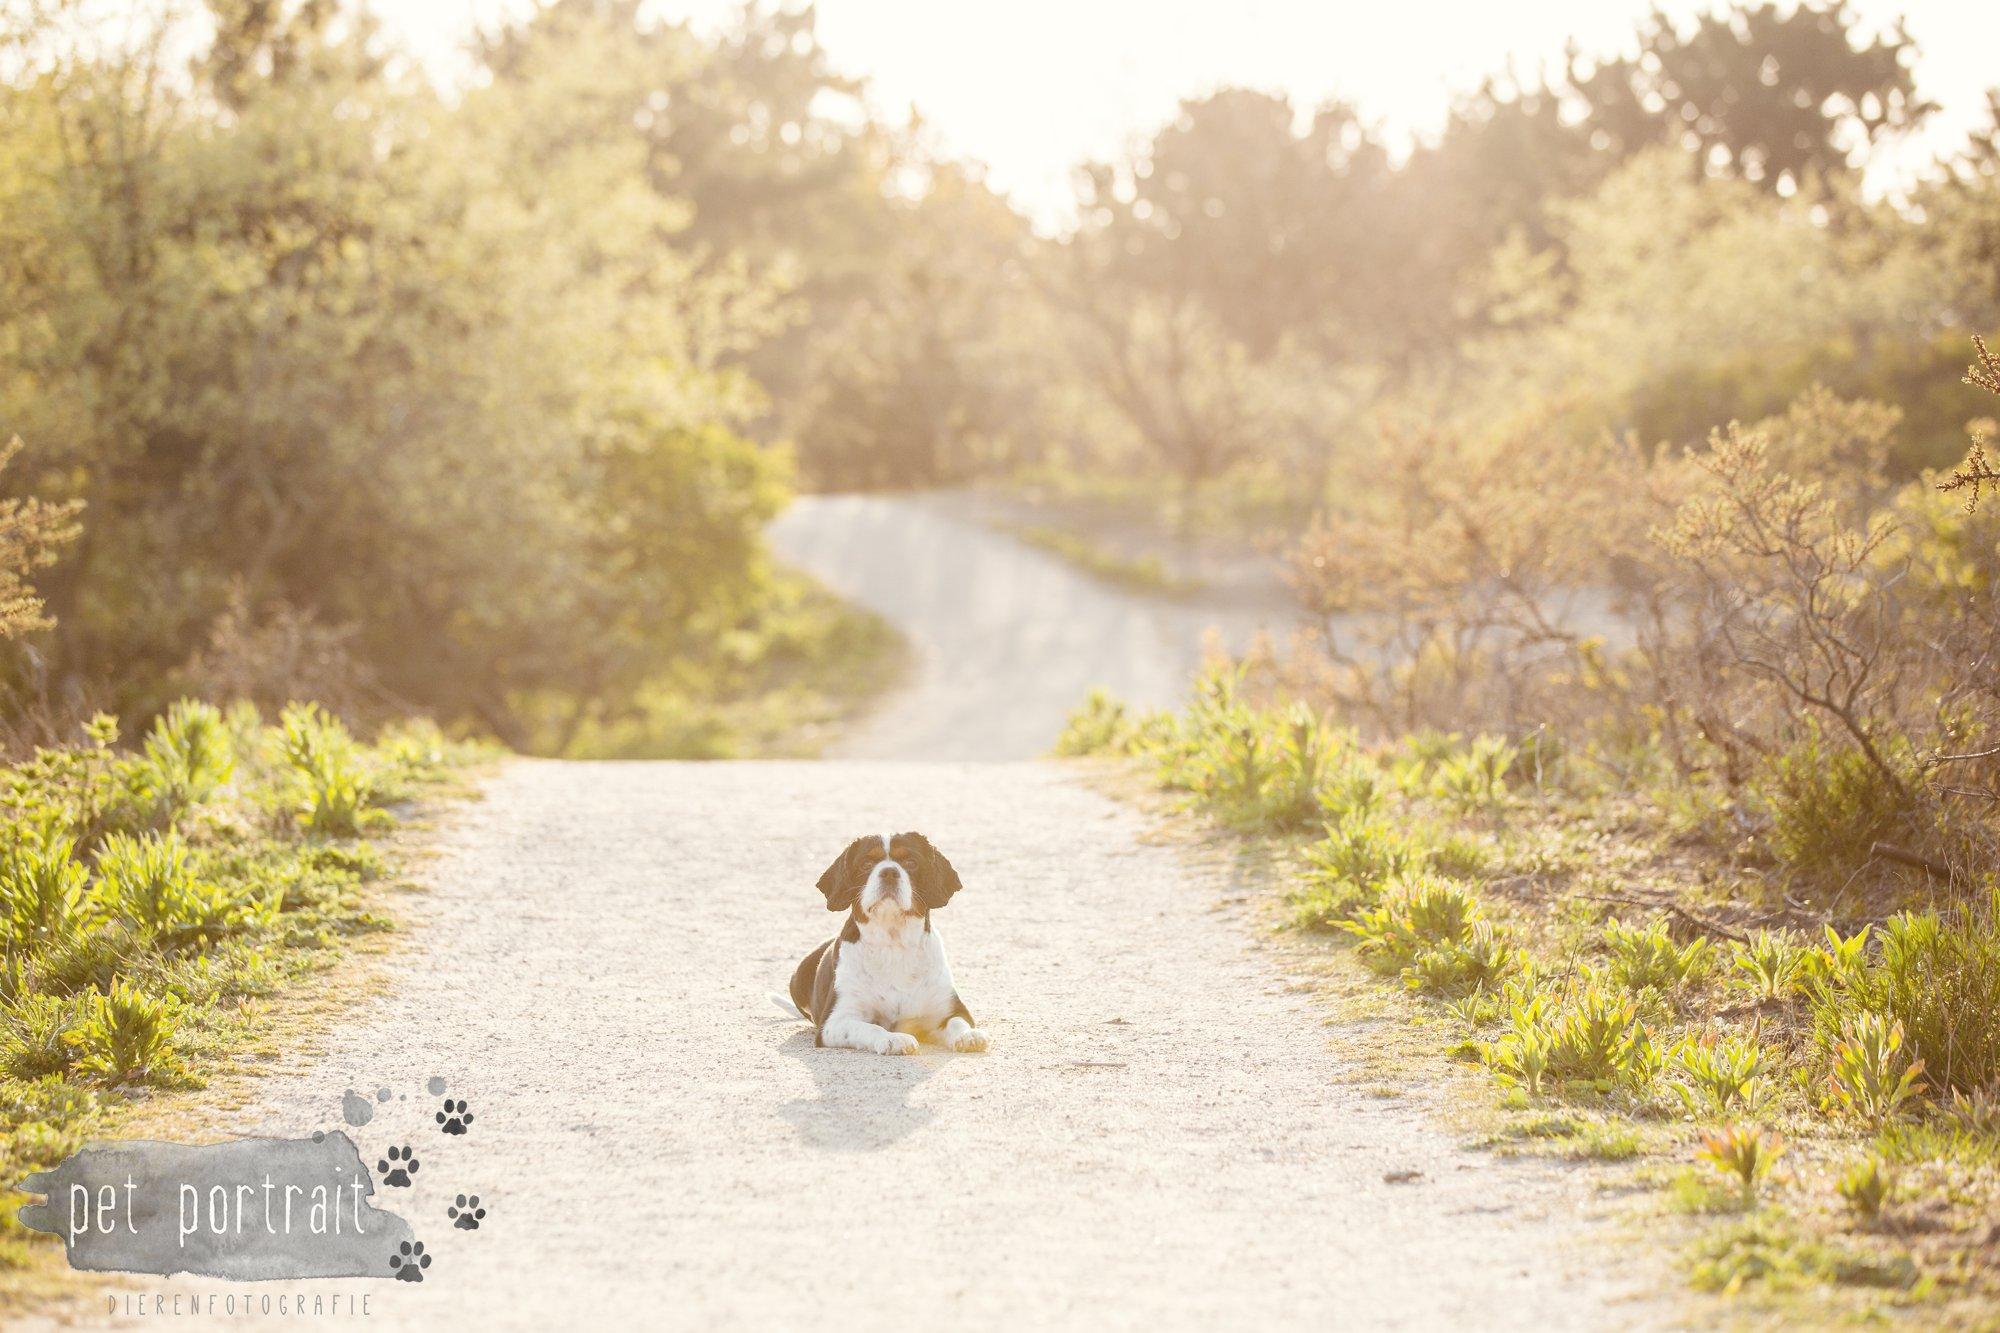 Hondenfotograaf Wassenaar - Cavalier King Charles Spaniel Pepper-12